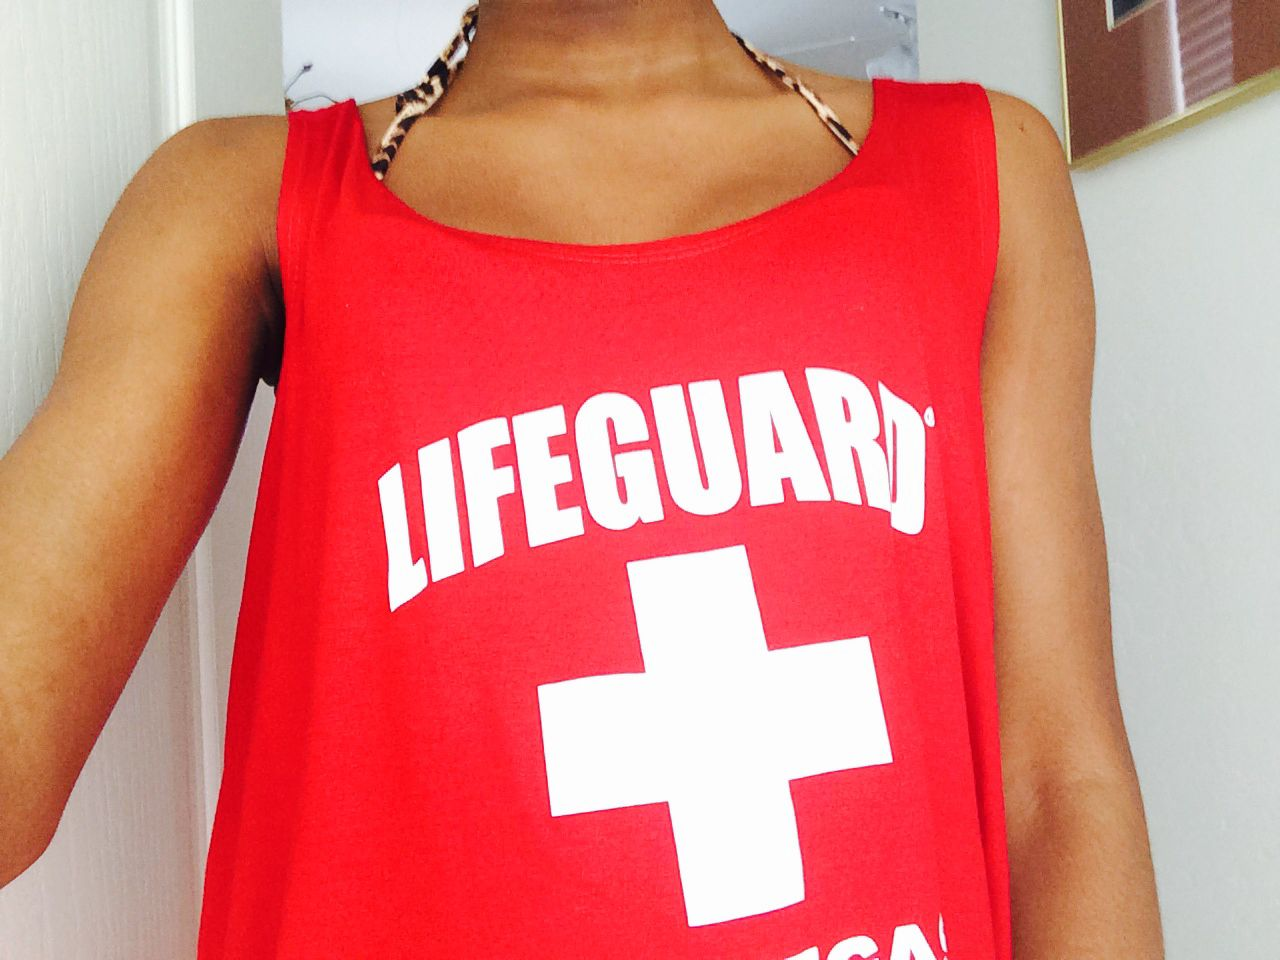 b5bea39445dfc8 Lifeguard shirts